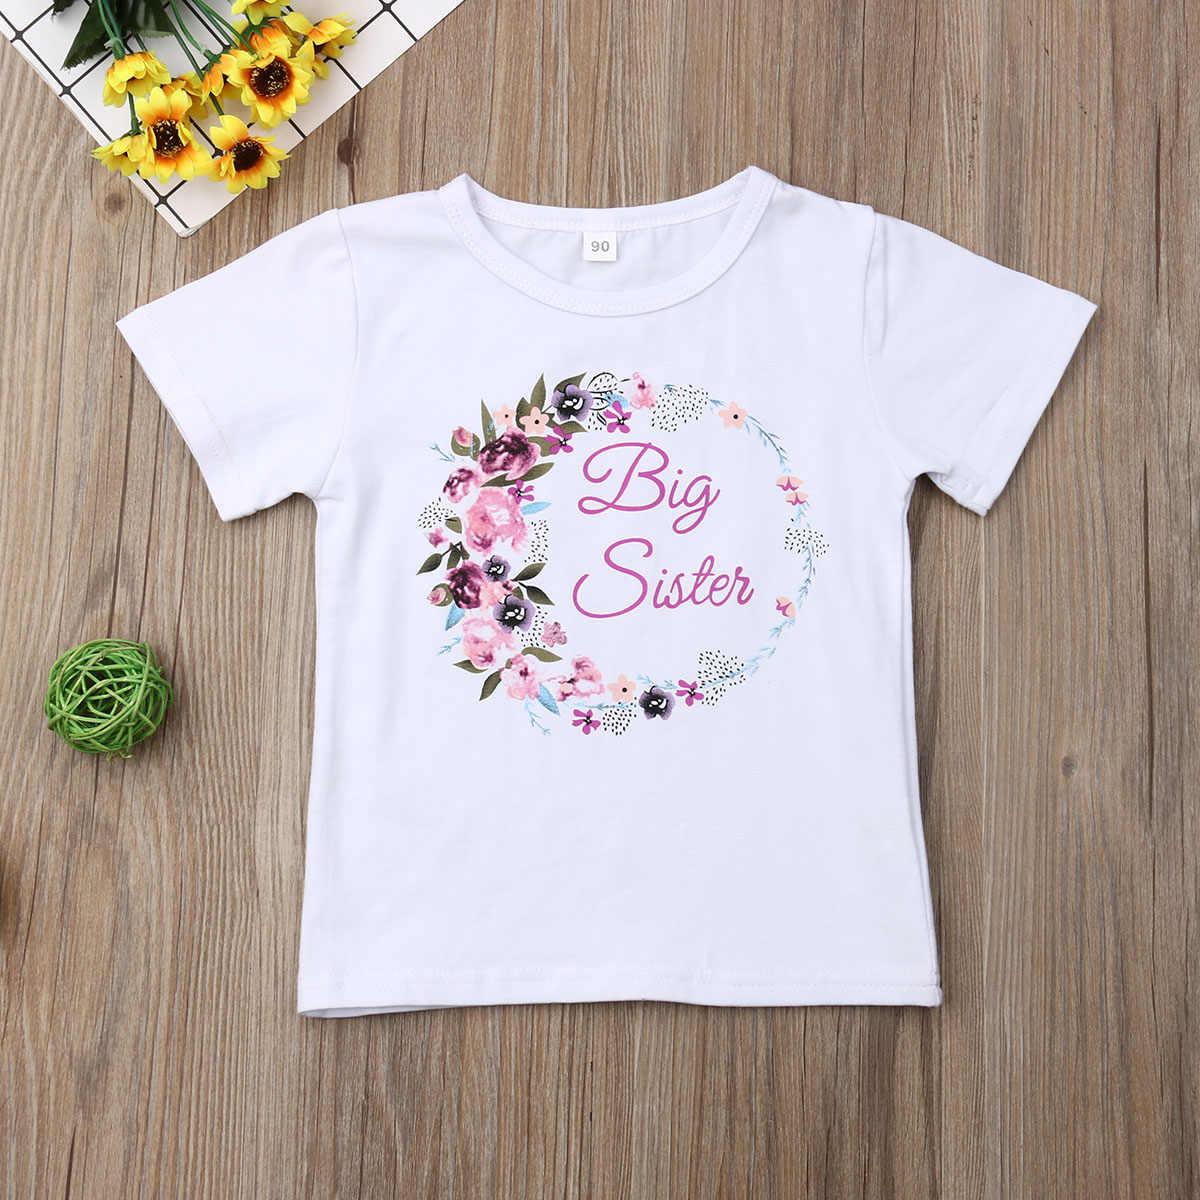 2019 lato duży siostra mała siostra rodzina pasujące ubrania maluch dzieci dziewczynek Romper starsza siostra Tshirt strój odzież dla